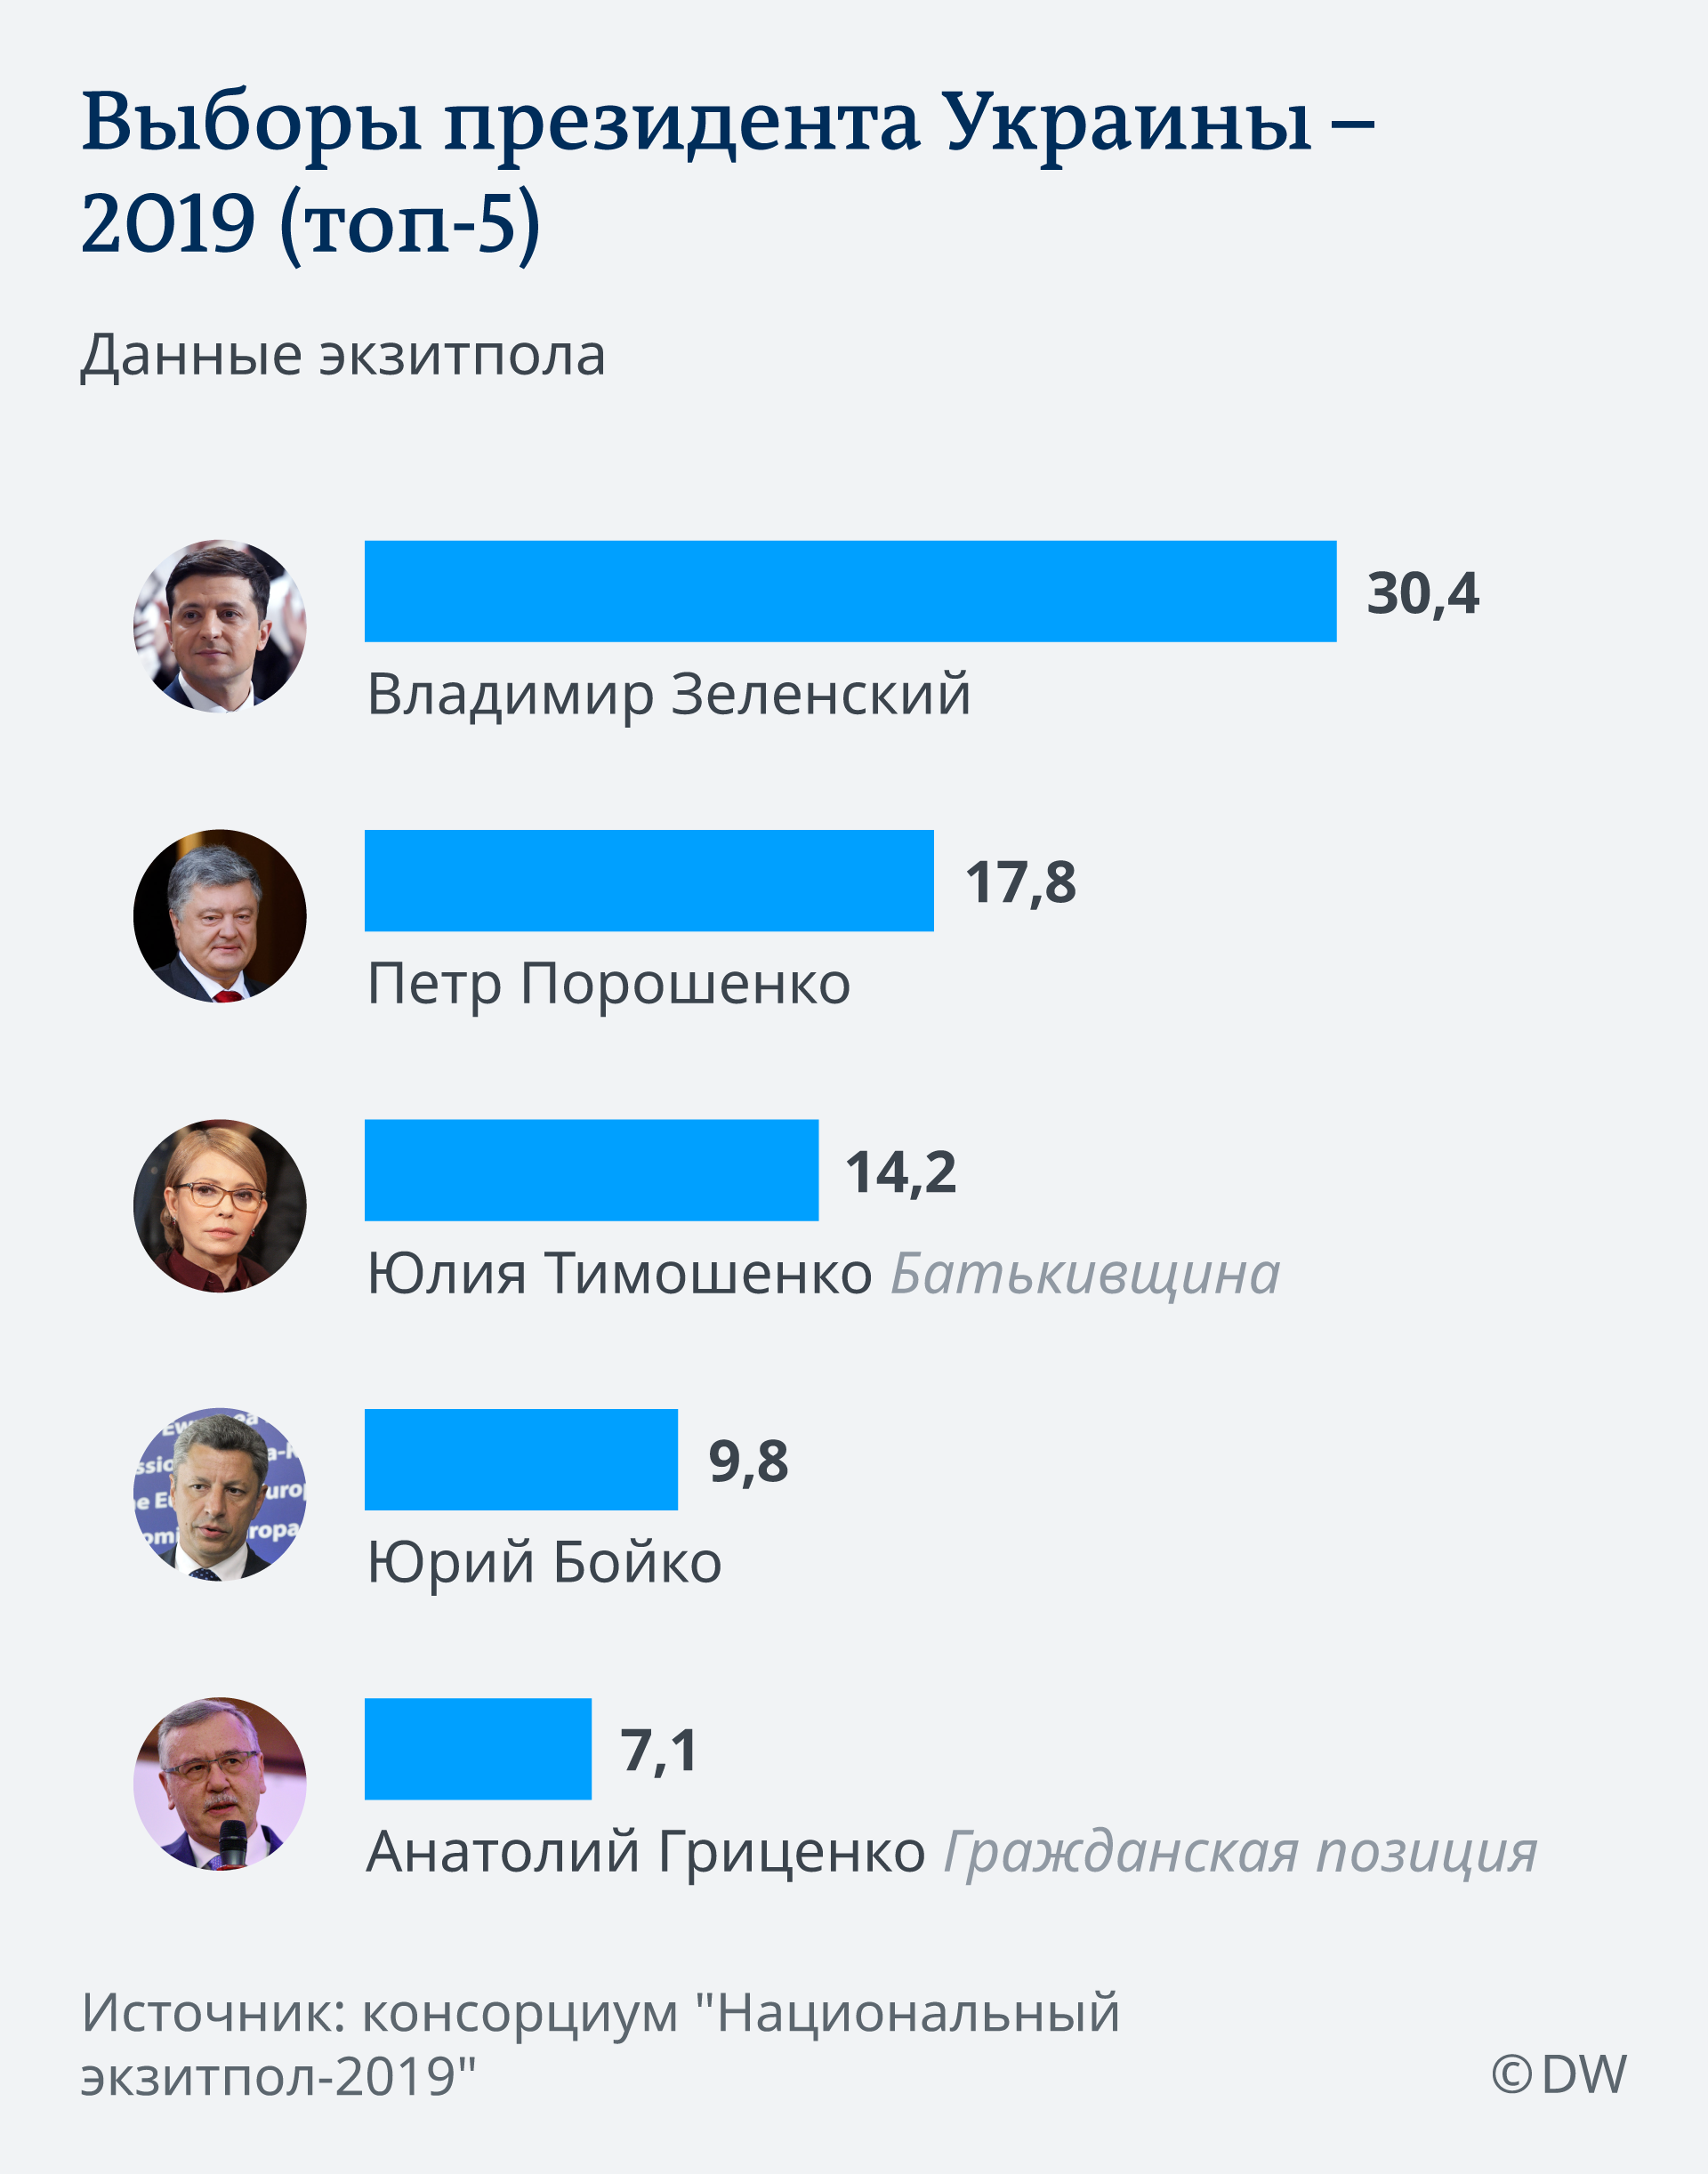 Инфографика Выборы президента Украины - 2019